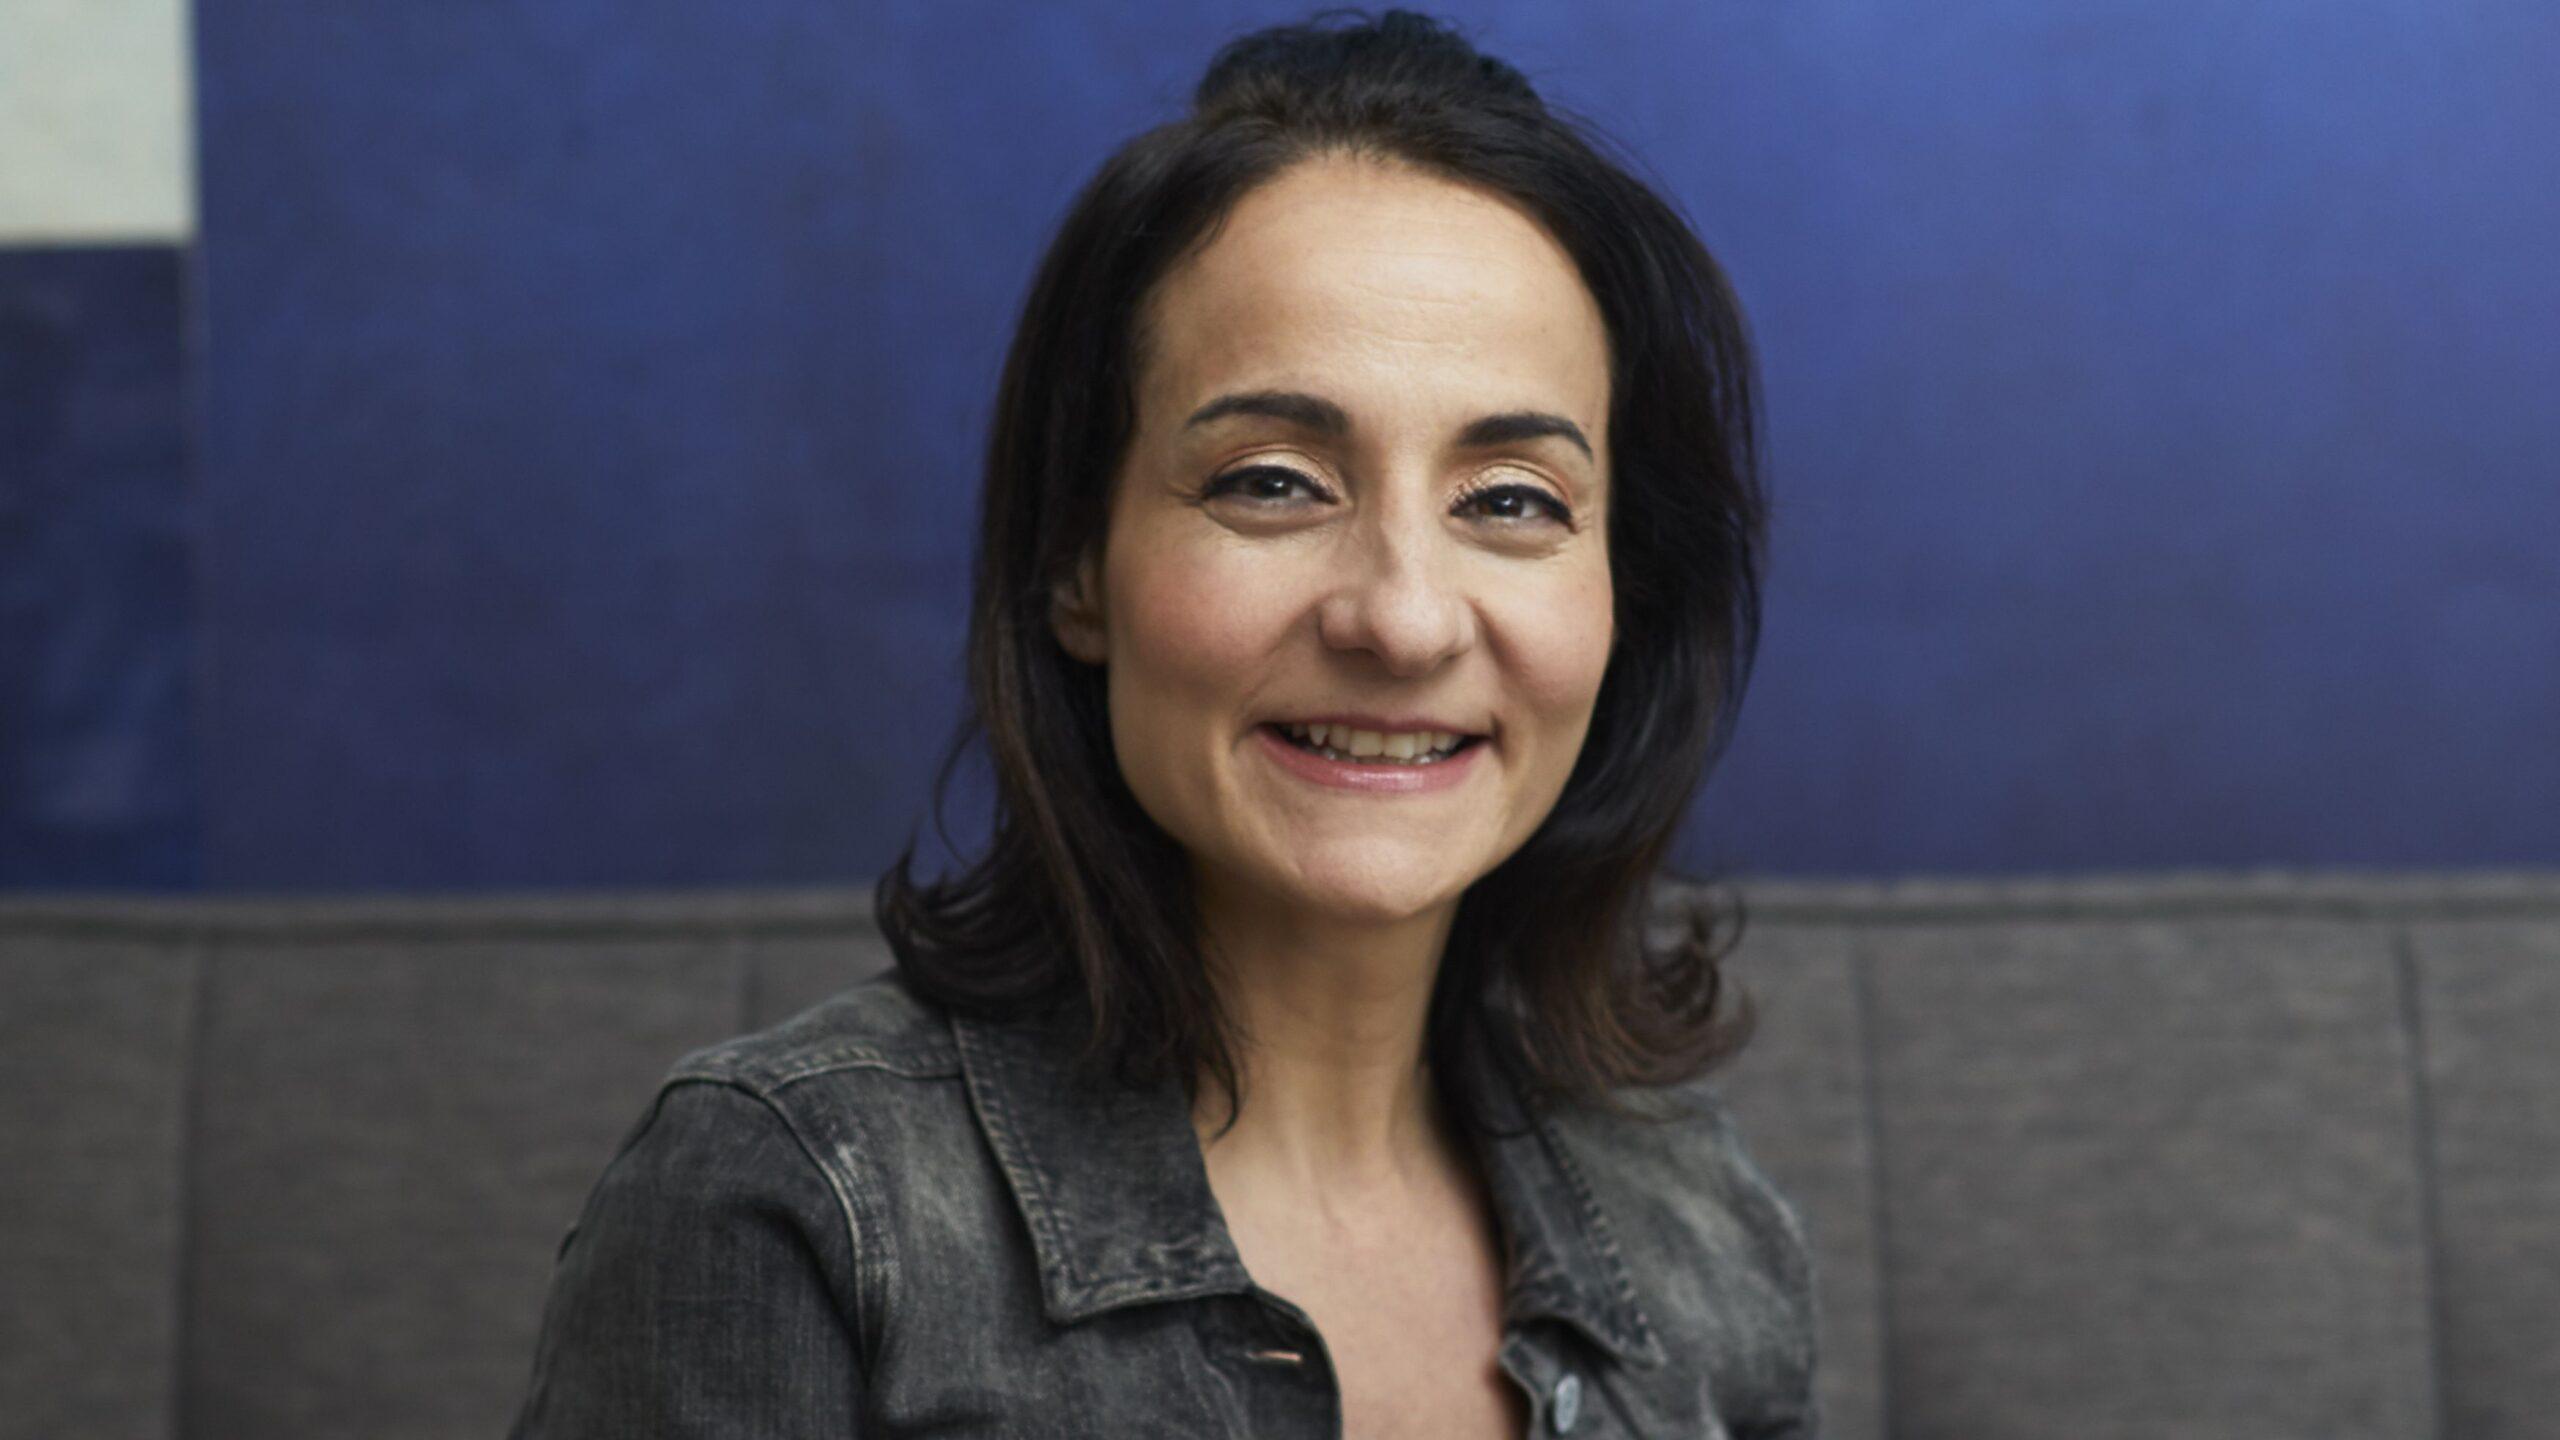 Diana Dimitian (vicepresidente Lfa commercial Levi's): «La nostra visione si concentra su pilastri: clima, consumo e comunità»